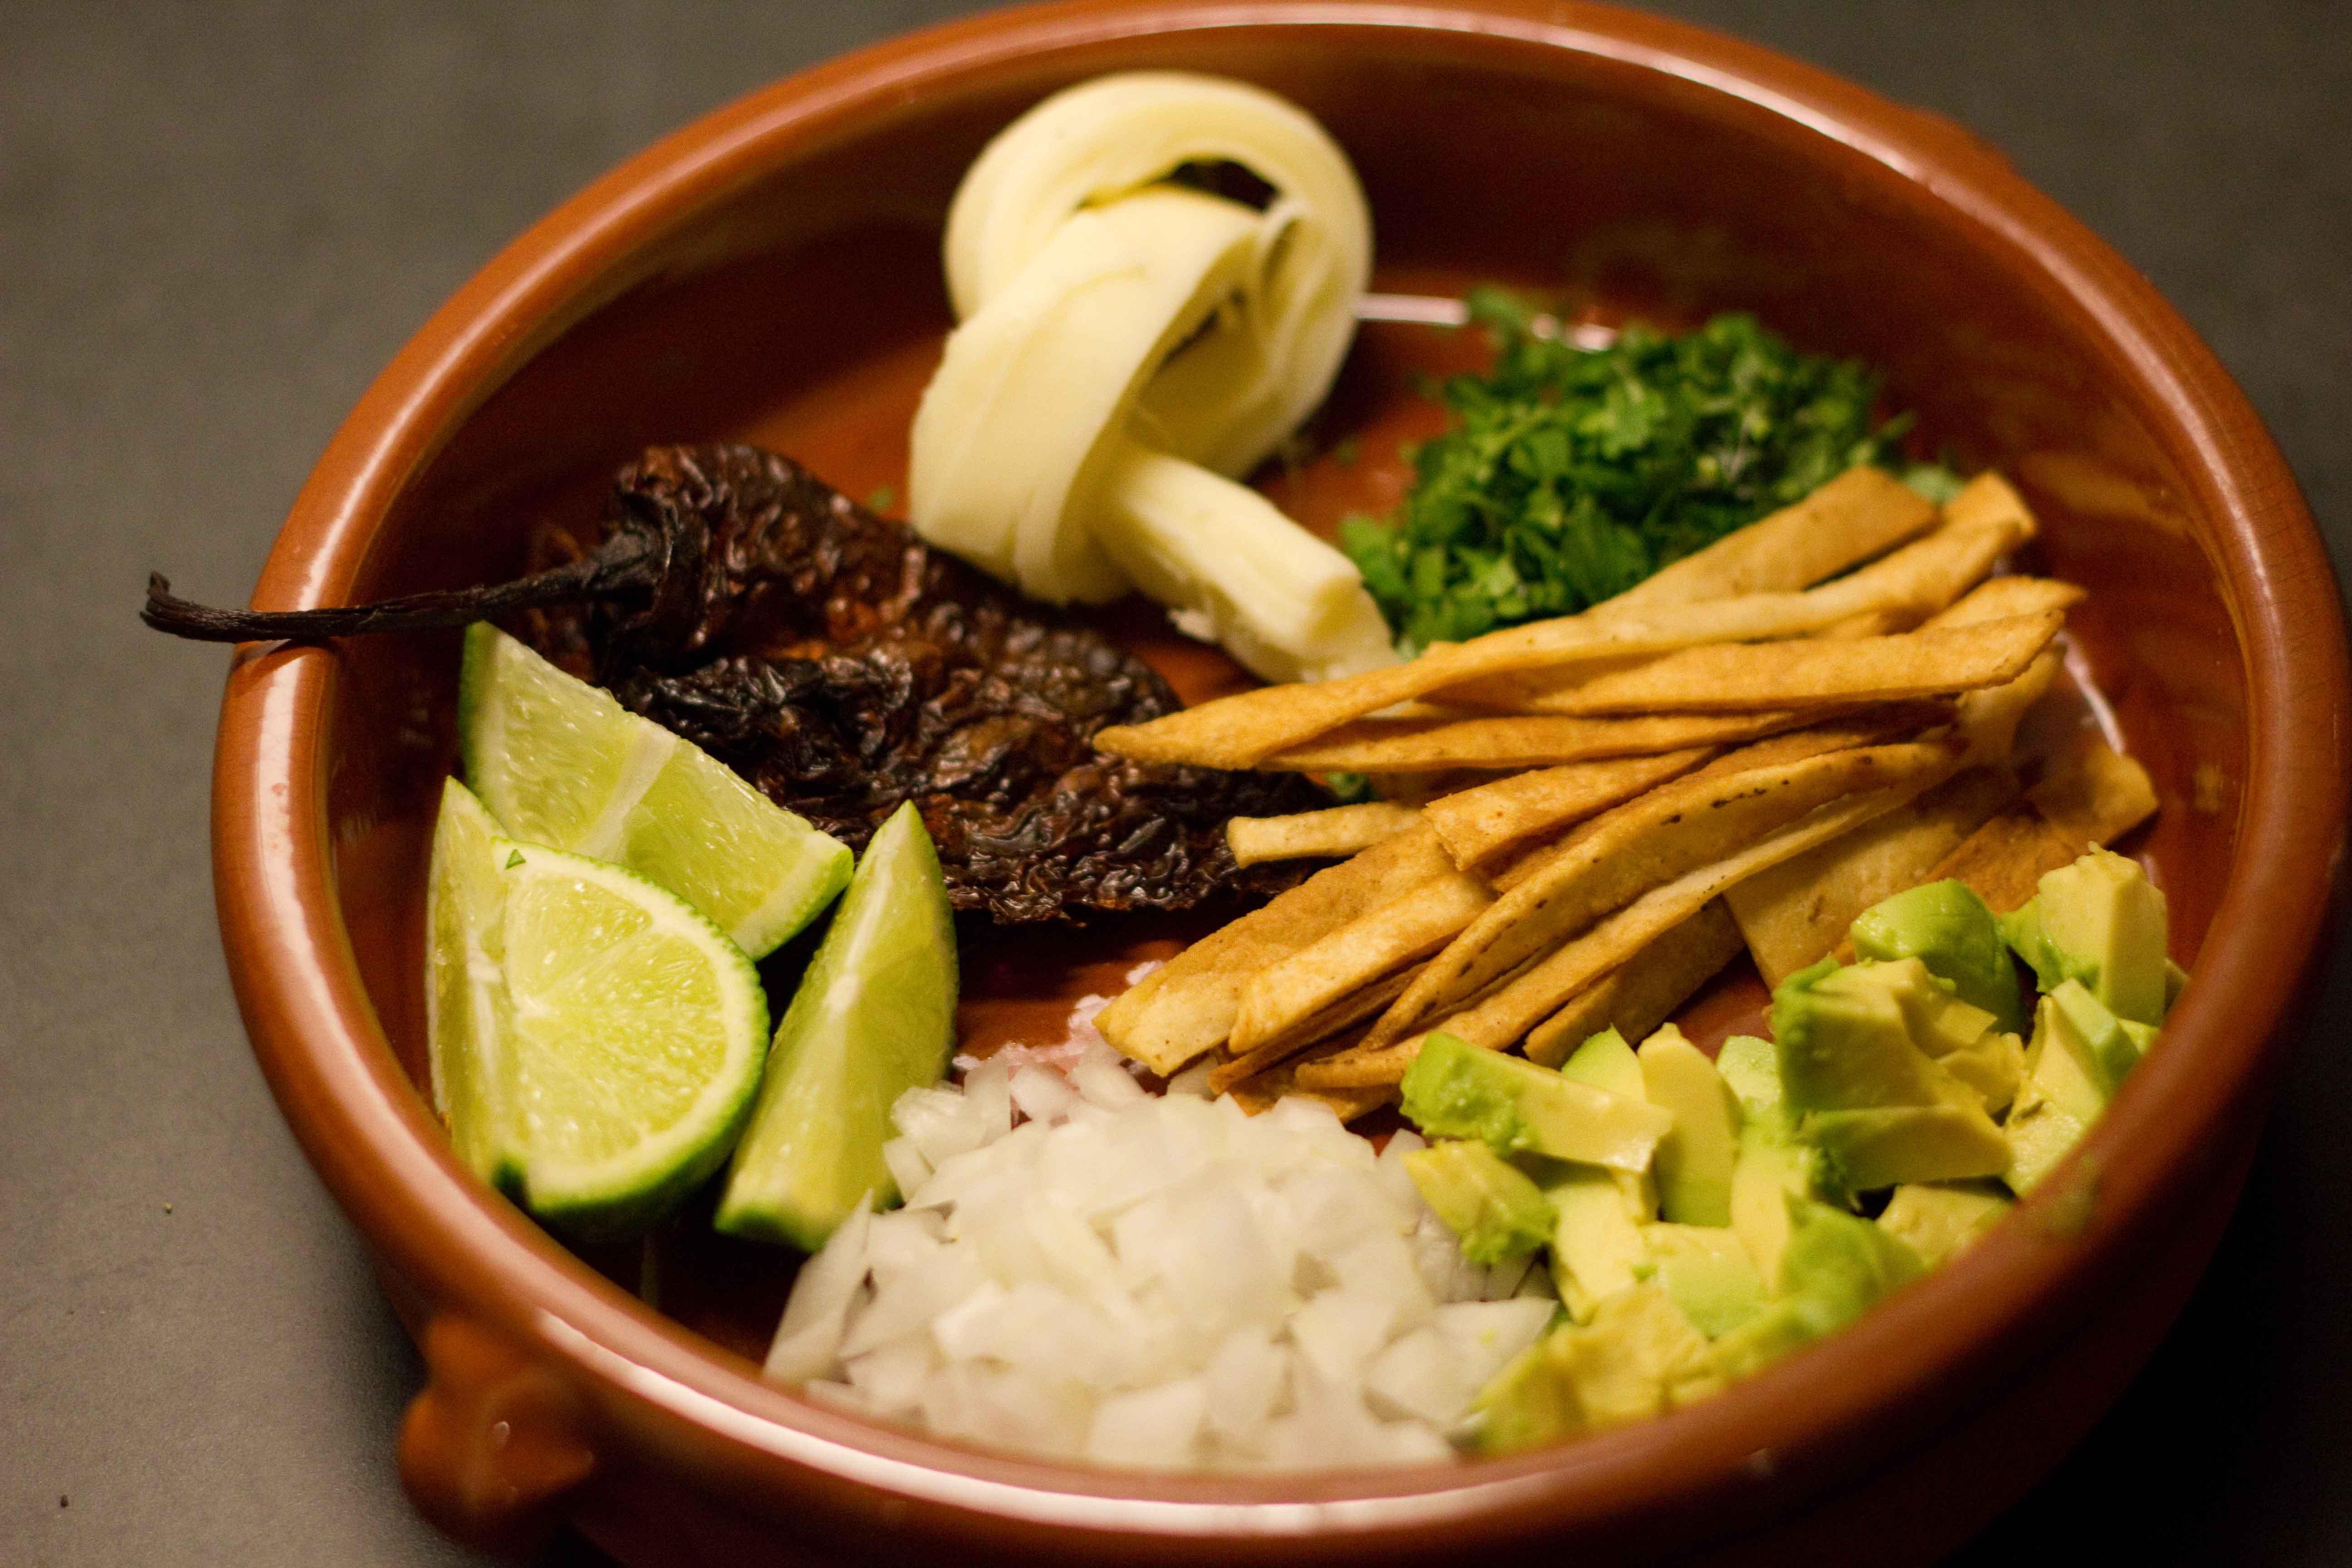 ... , cilantro, tortilla strips, avocado, onion, lime and pasilla chiles